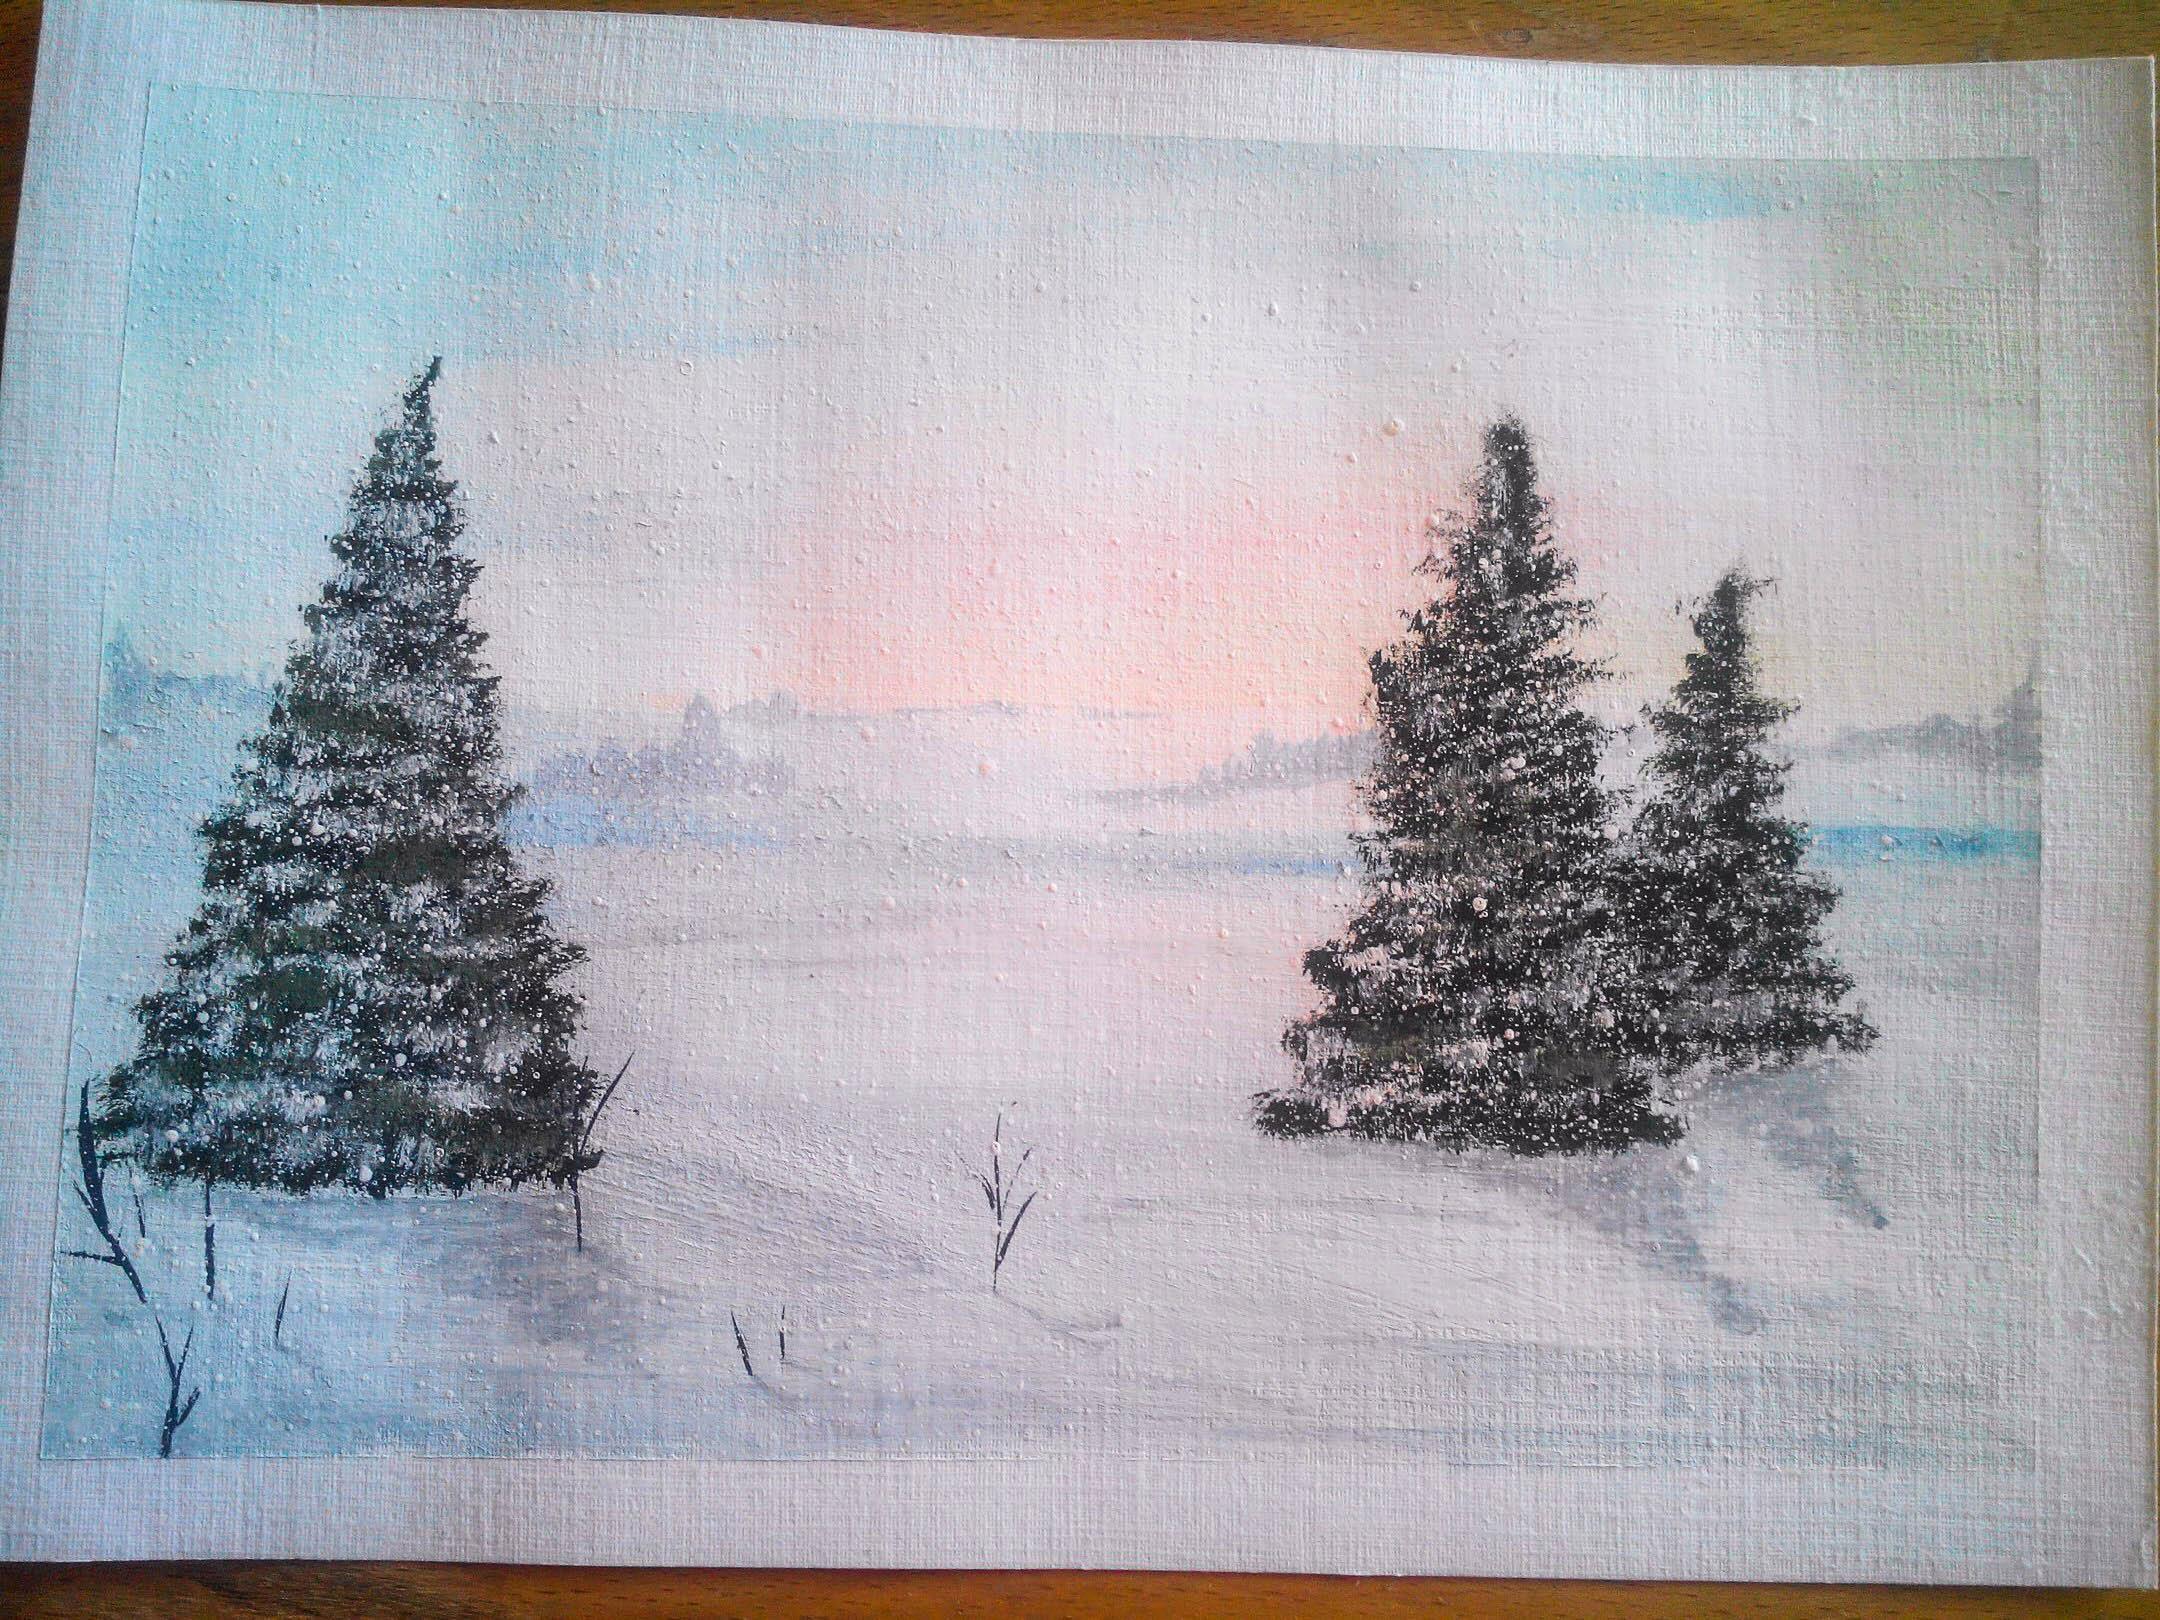 Как нарисовать елочку: m-optima.ru как нарисовать снег.юлия константиновна,большое спасибо за ваш отзыв!